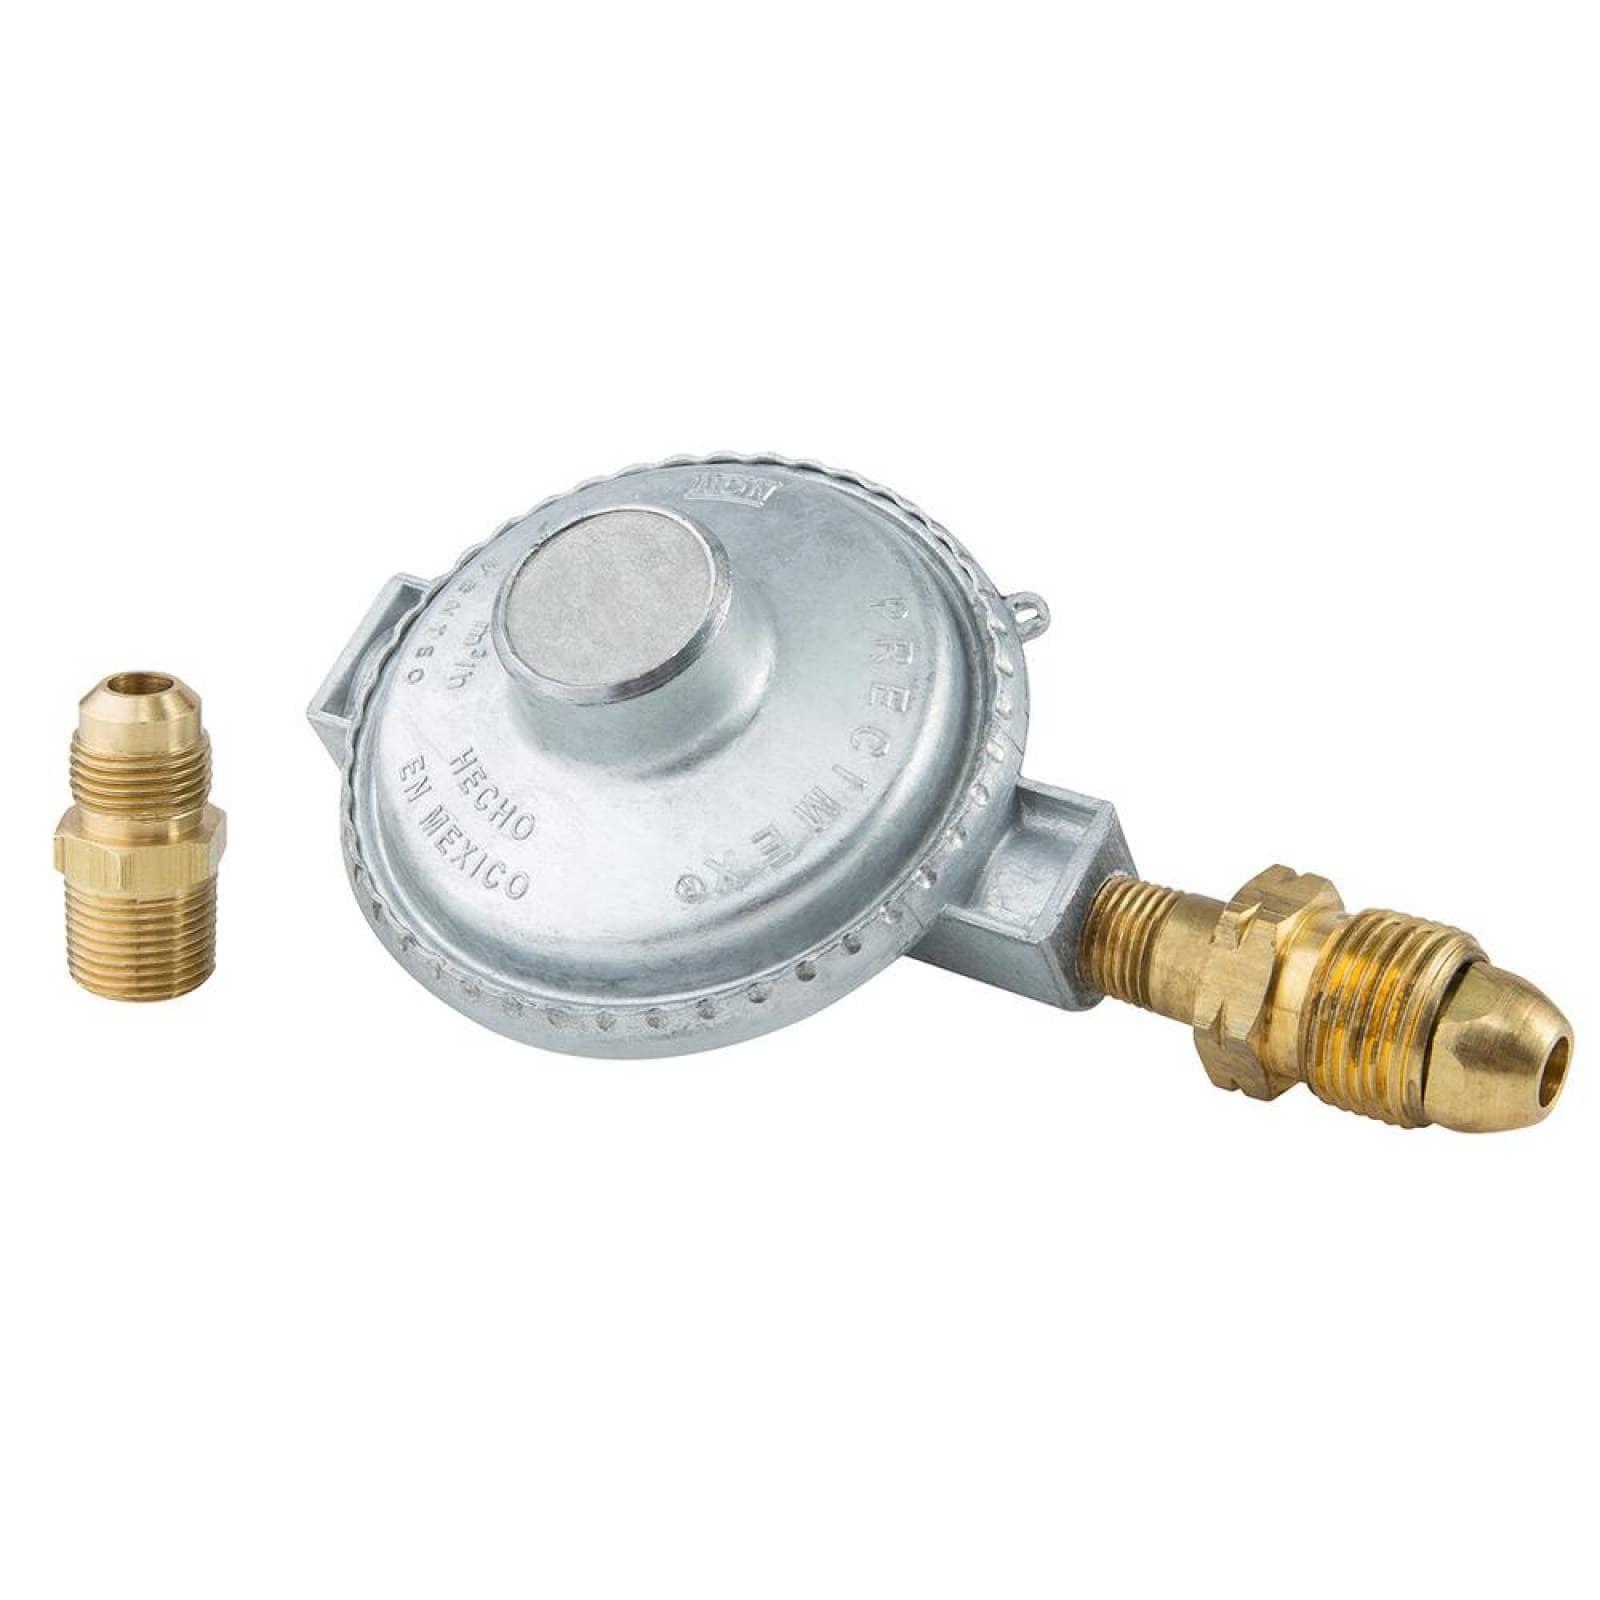 Regulador Precimex 1 vía para baja presión mod 3001